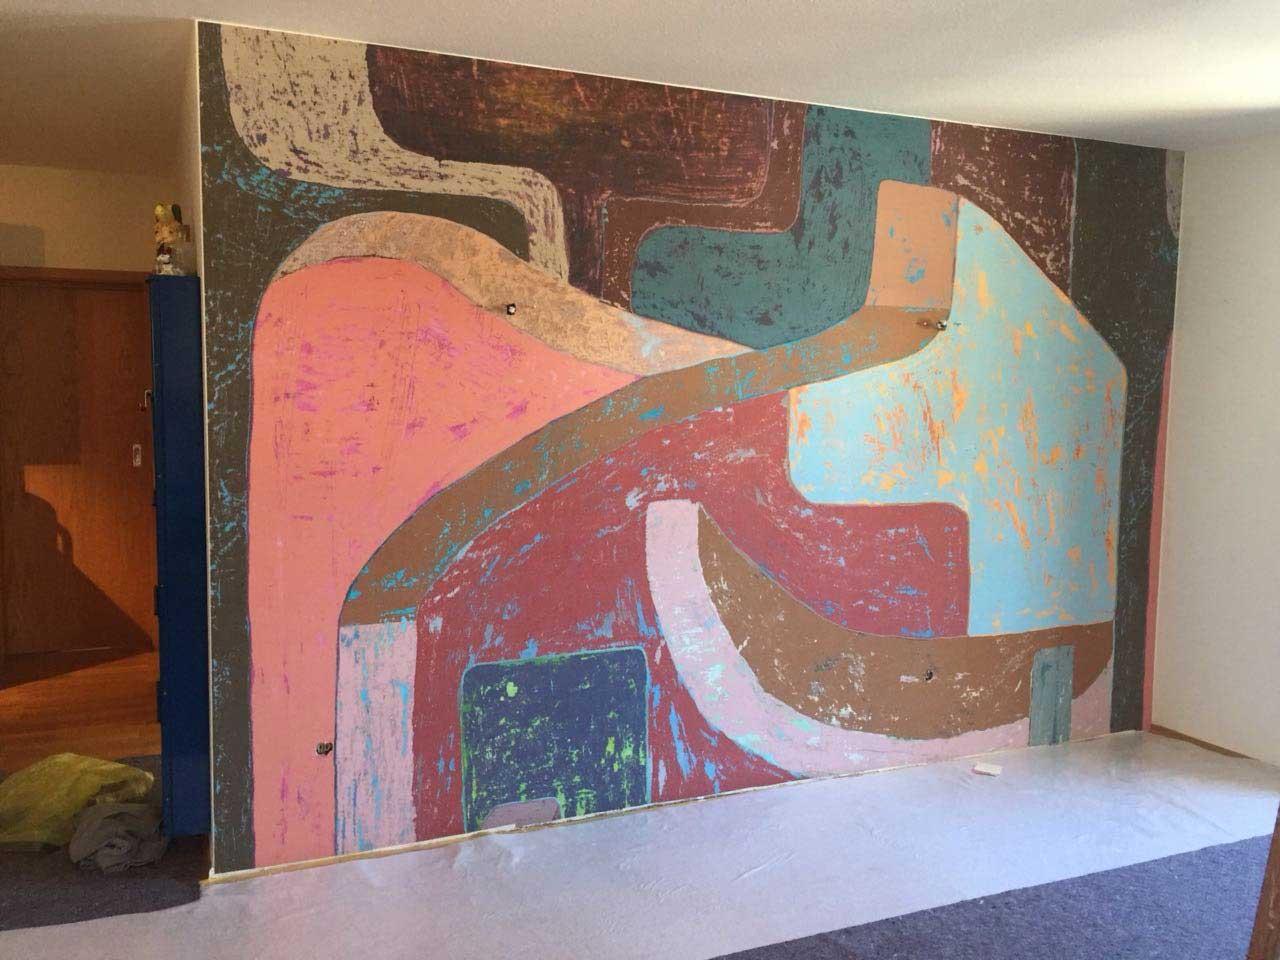 Malerarbeiten im Hause Karen Webb, Fernsehmoderatorin